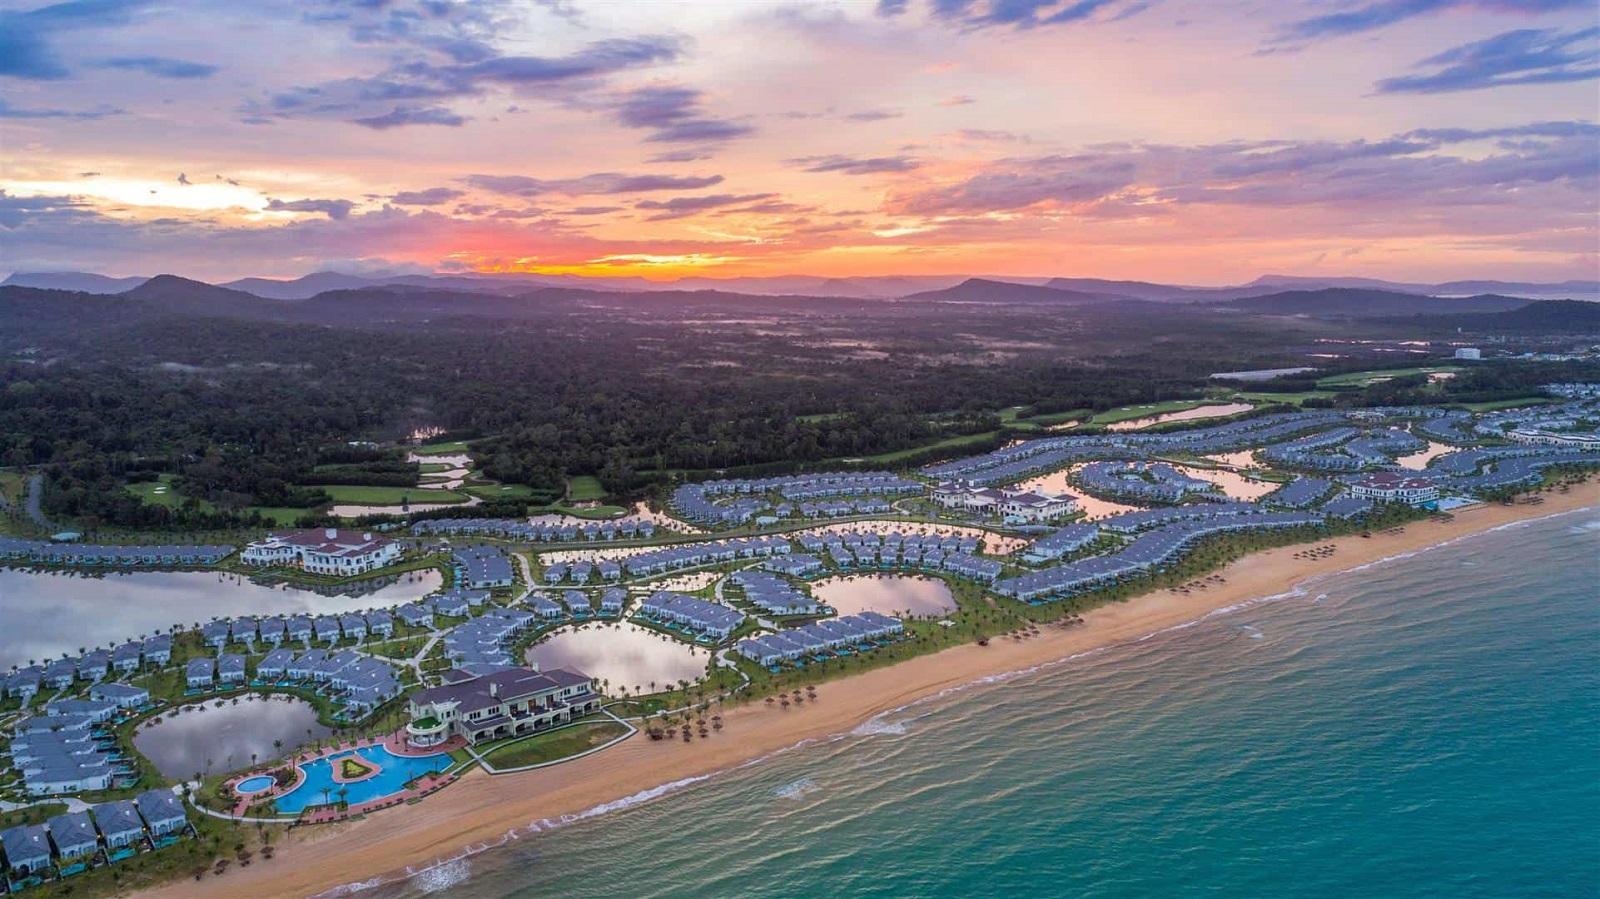 Đầu tư bất động sản Phú Quốc: Chuyện cũ mà mới!